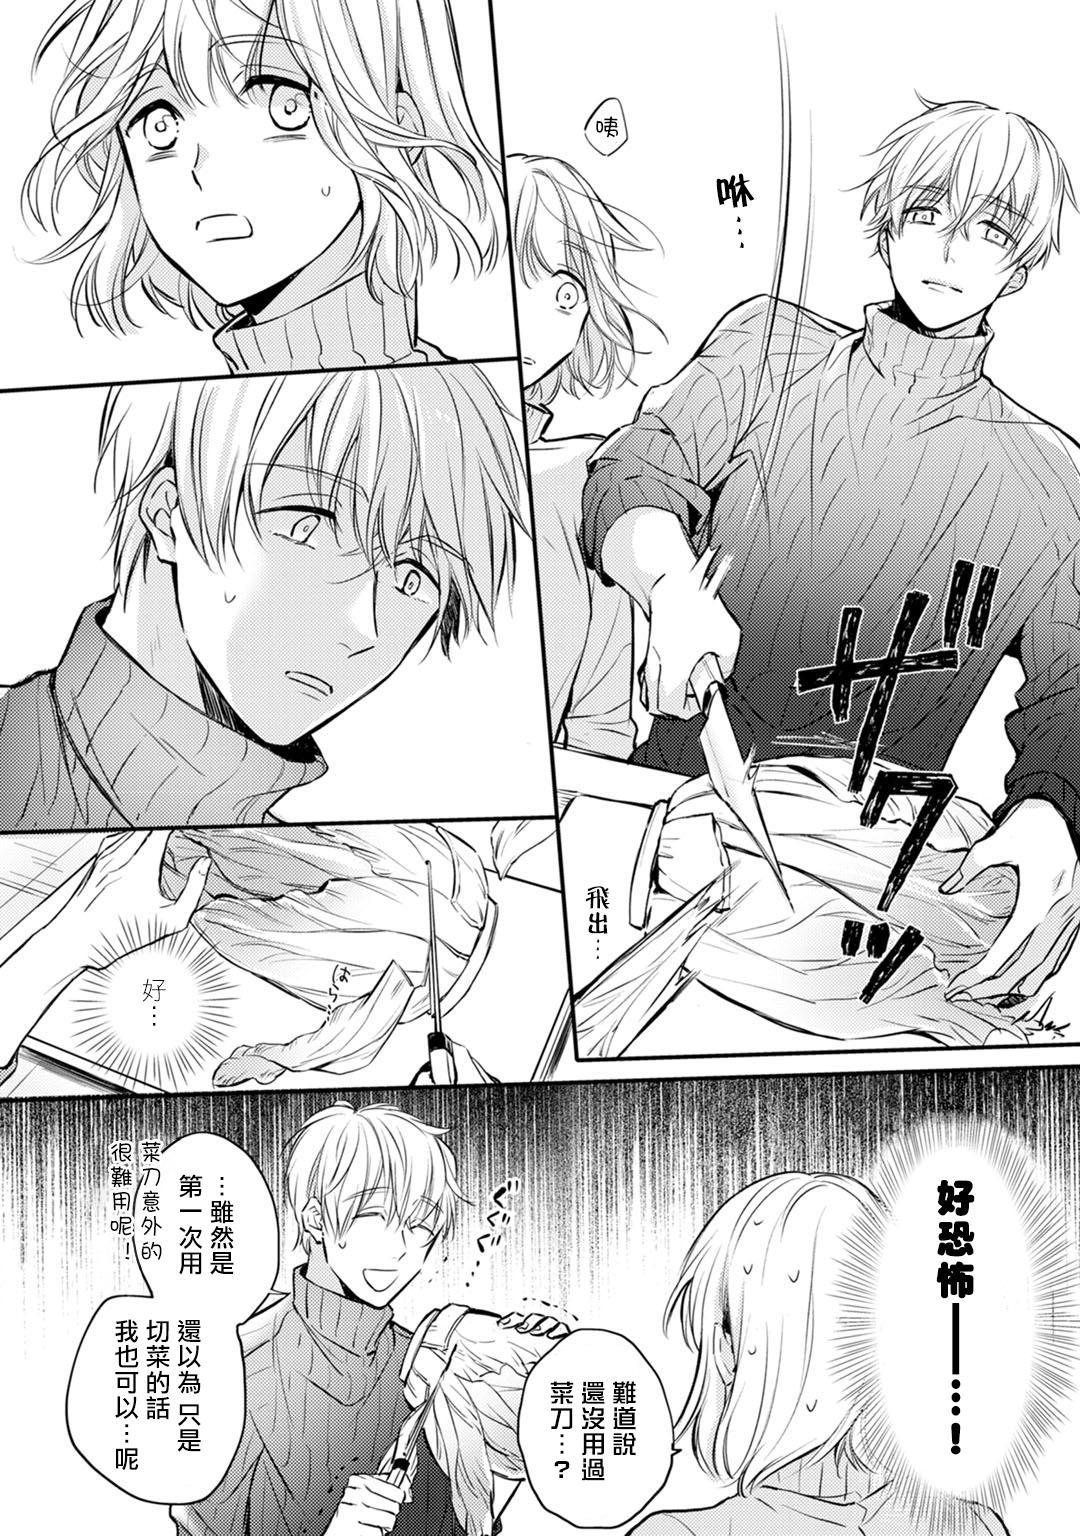 [Shichigatsu Motomi]  Sonna Kao shite, Sasotteru? ~Dekiai Shachou to Migawari Omiaikekkon!?~ 1-7 | 這種表情,在誘惑我嗎?~溺愛社長和替身相親結婚!? act.1 [Chinese] [拾荒者汉化组] 36